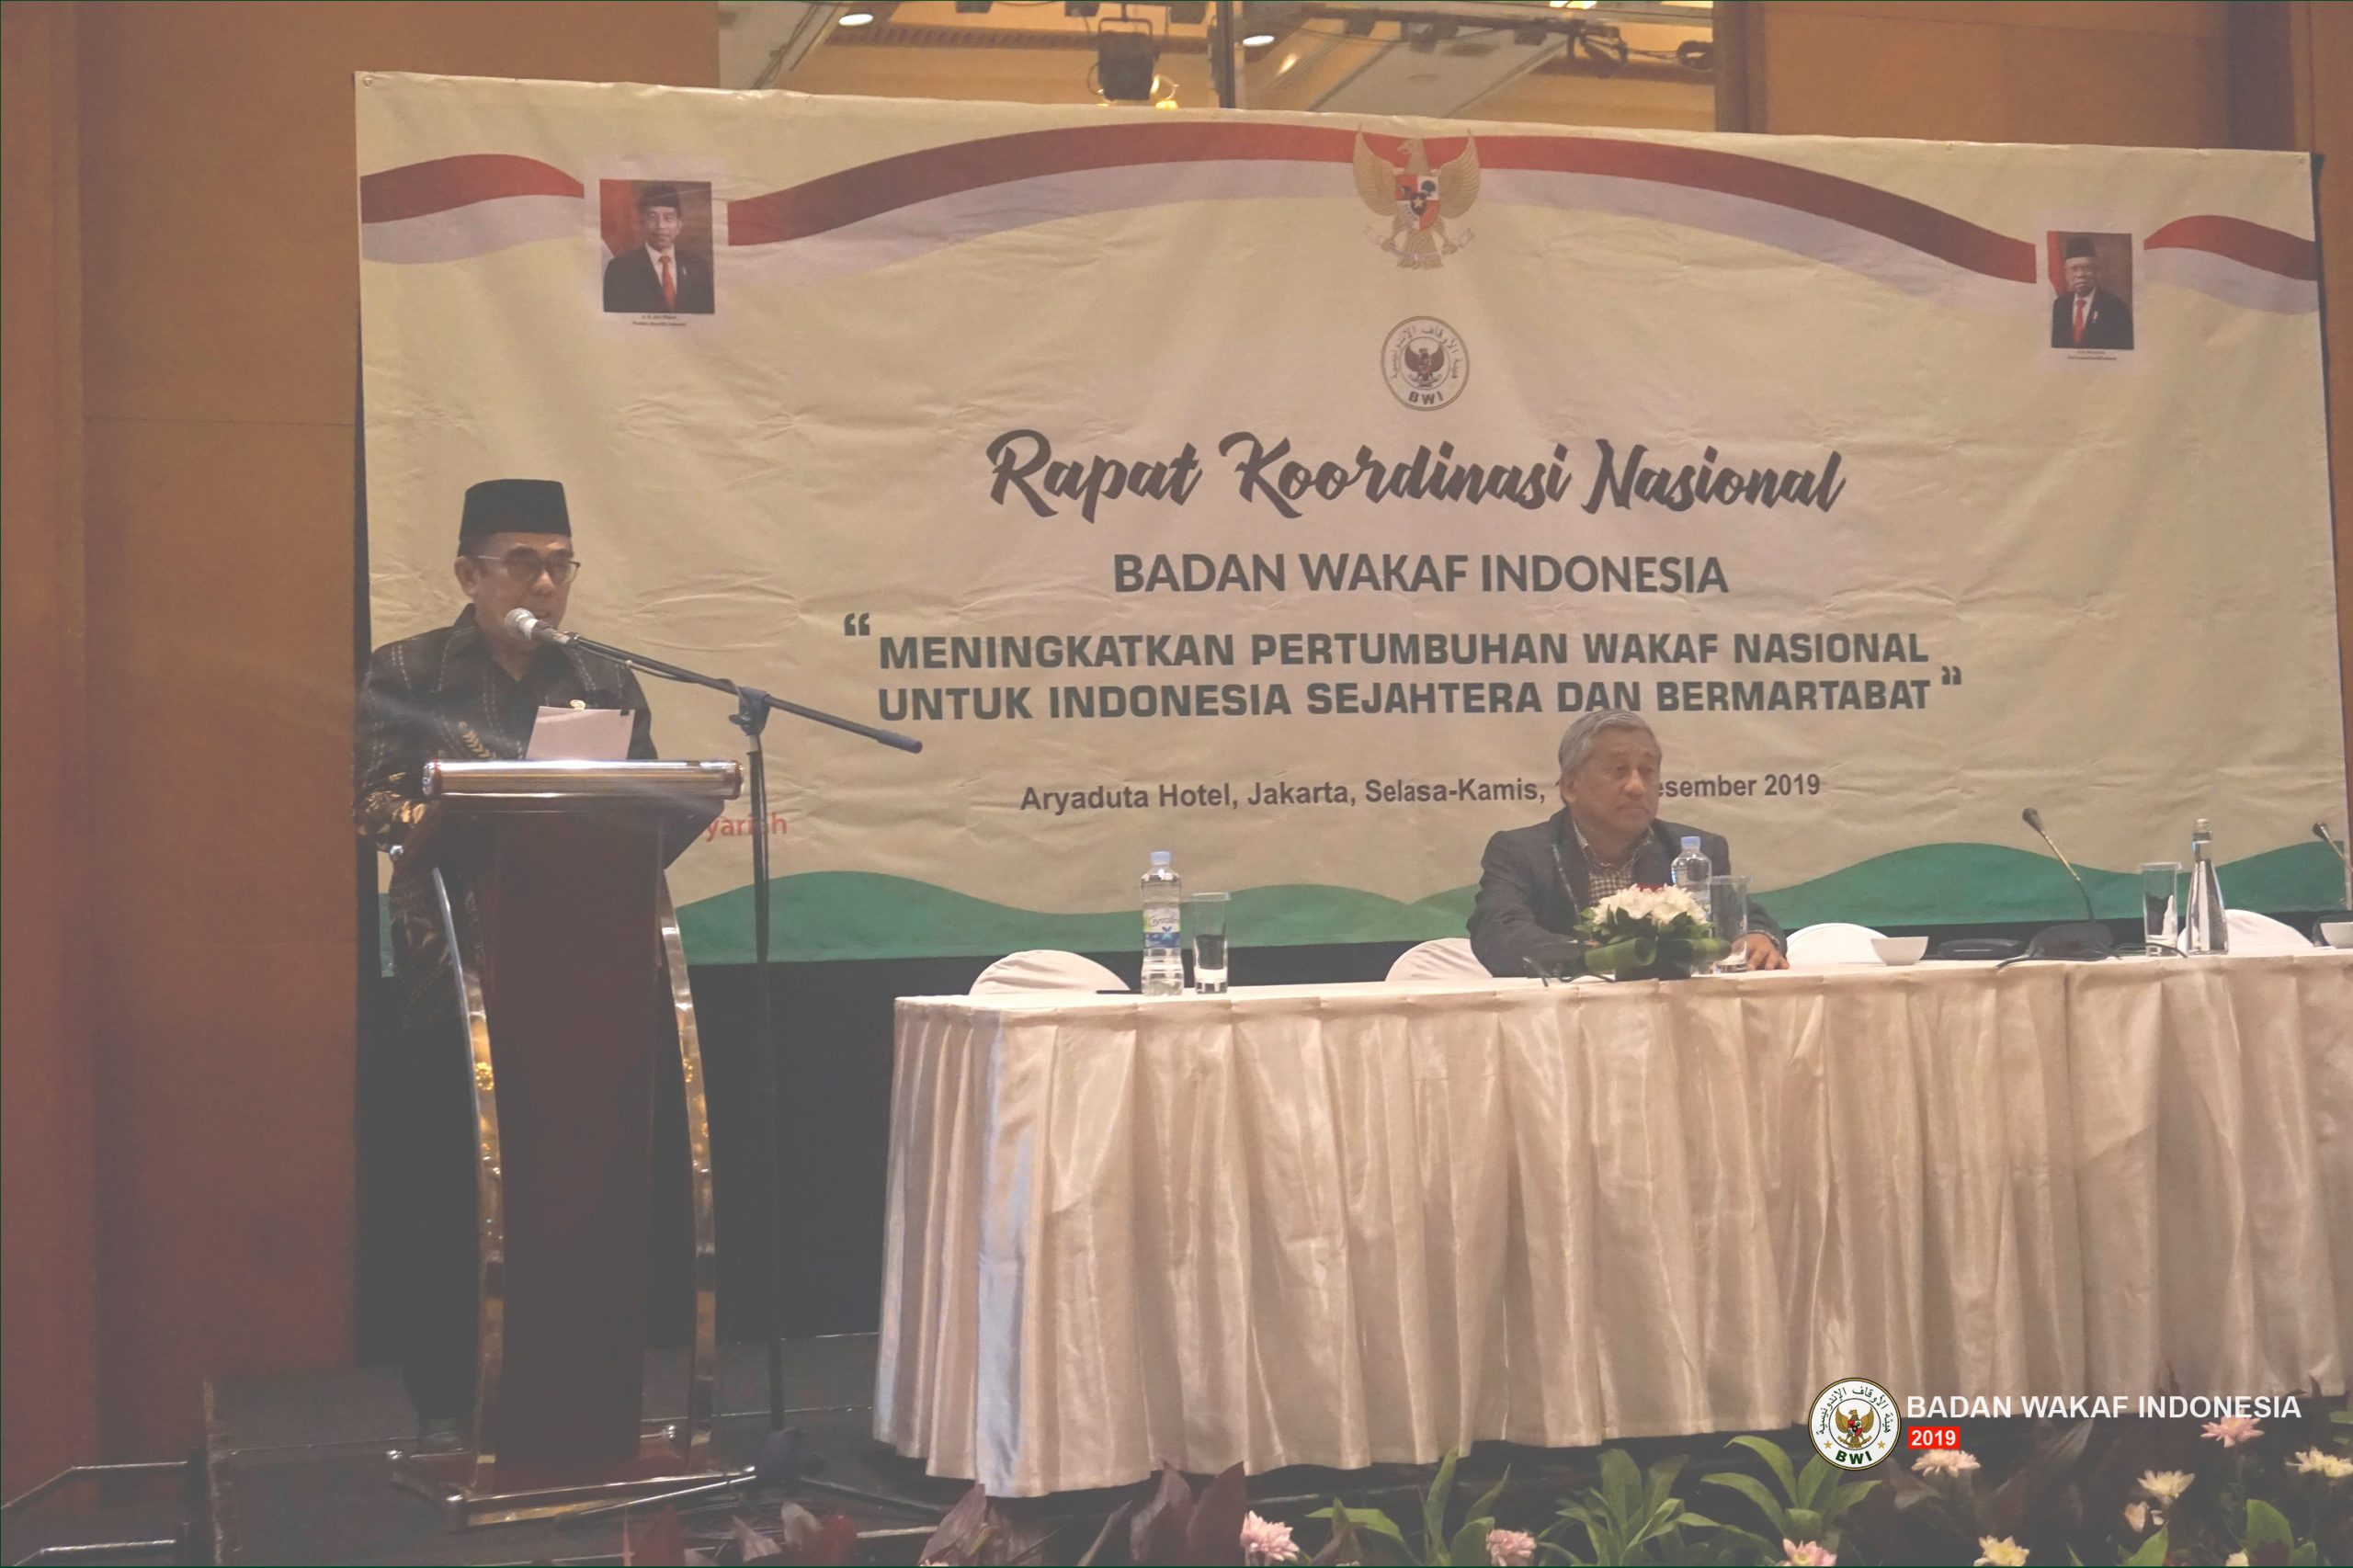 Menag Ingin UU Wakaf Segera Direvisi  - Menag Apresiasi Badan Wakaf Indonesia Dalam Upaya Tingkatkan Pertumbuhan Wakaf Nasional scaled - Menag Ingin UU Wakaf Segera Direvisi